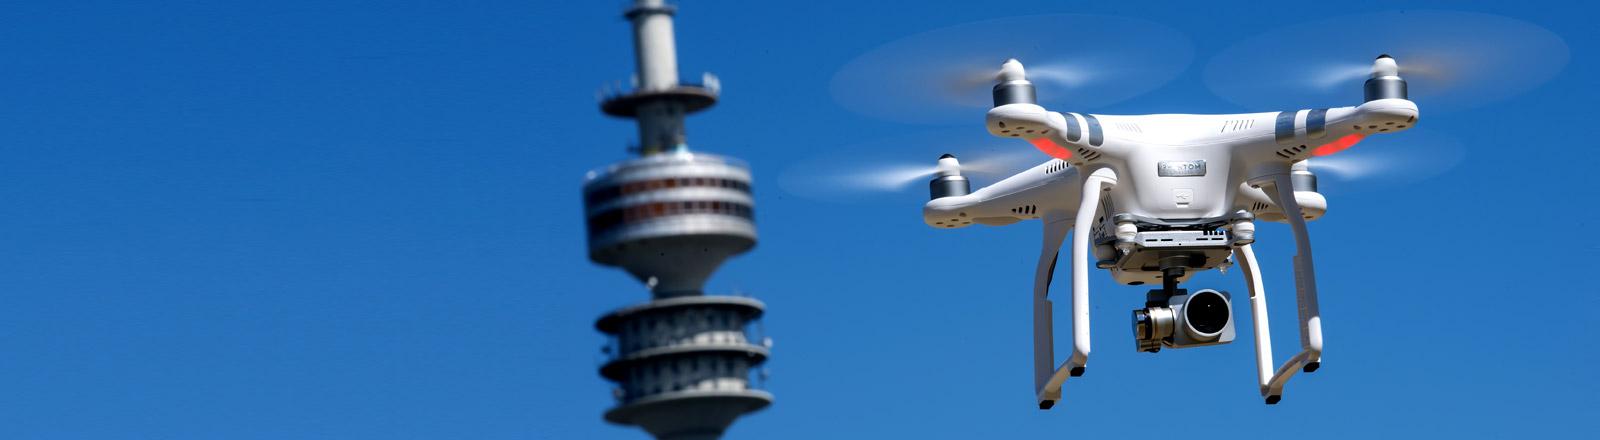 Eine Drohne fliegt in der Luft, im Hintergrund ist ein Fernsehturm zu sehen